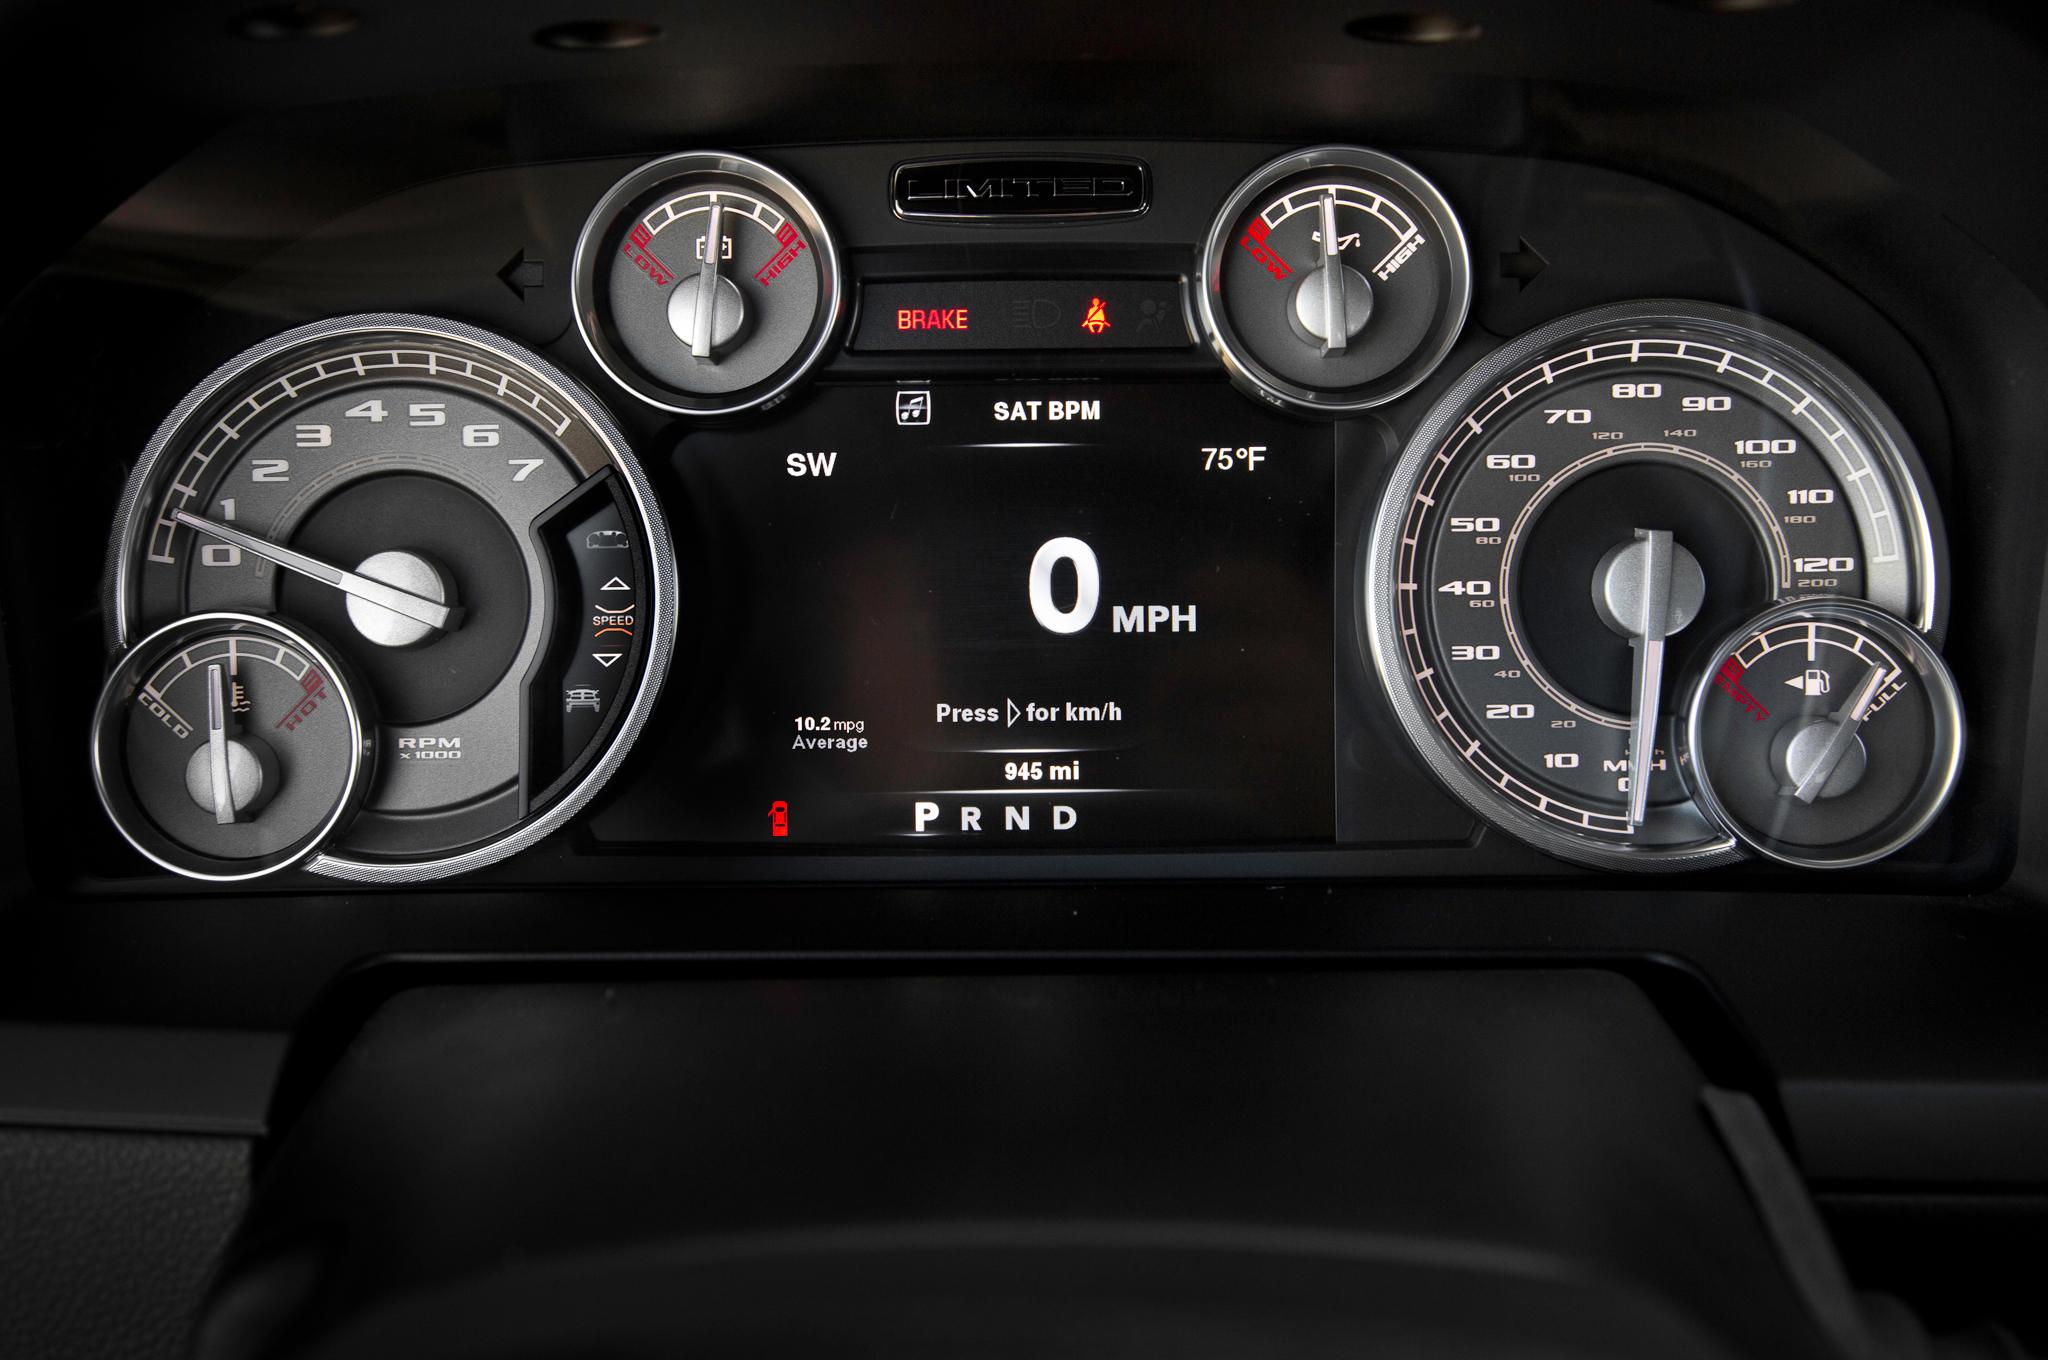 2013 Ram Limited gauges